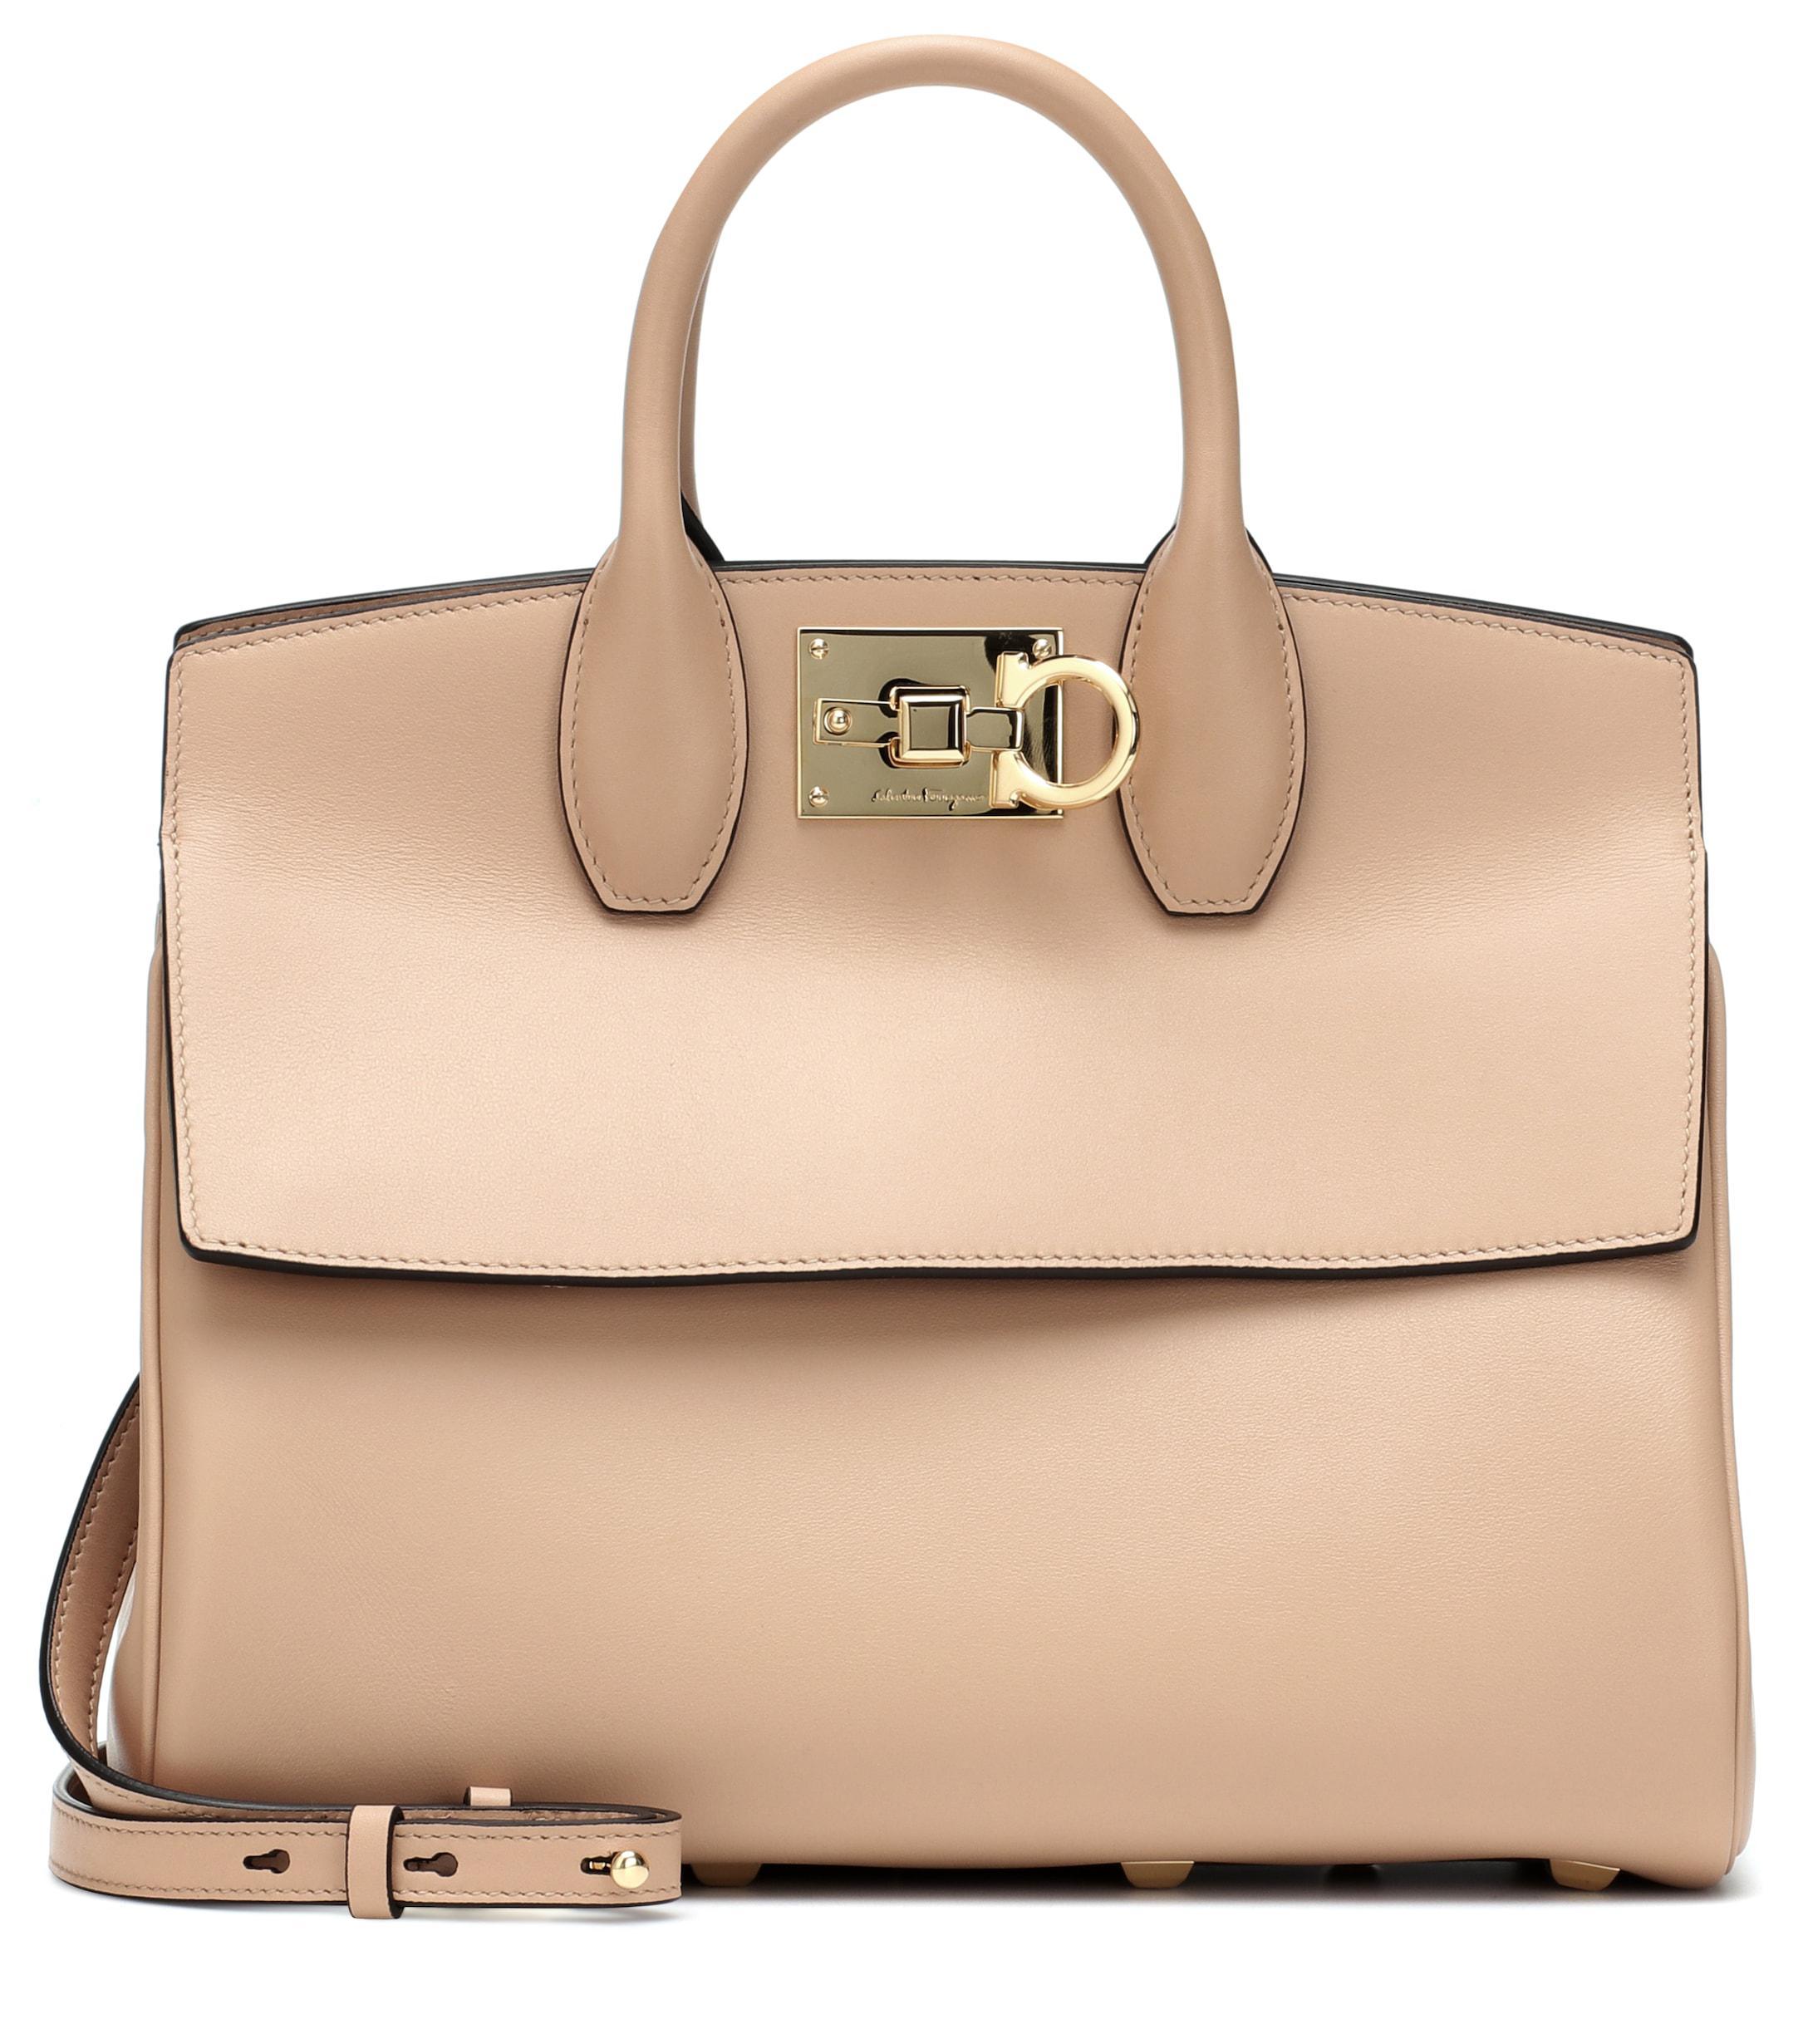 b9dbc00db8a9 Ferragamo Studio Leather Shoulder Bag in Natural - Lyst